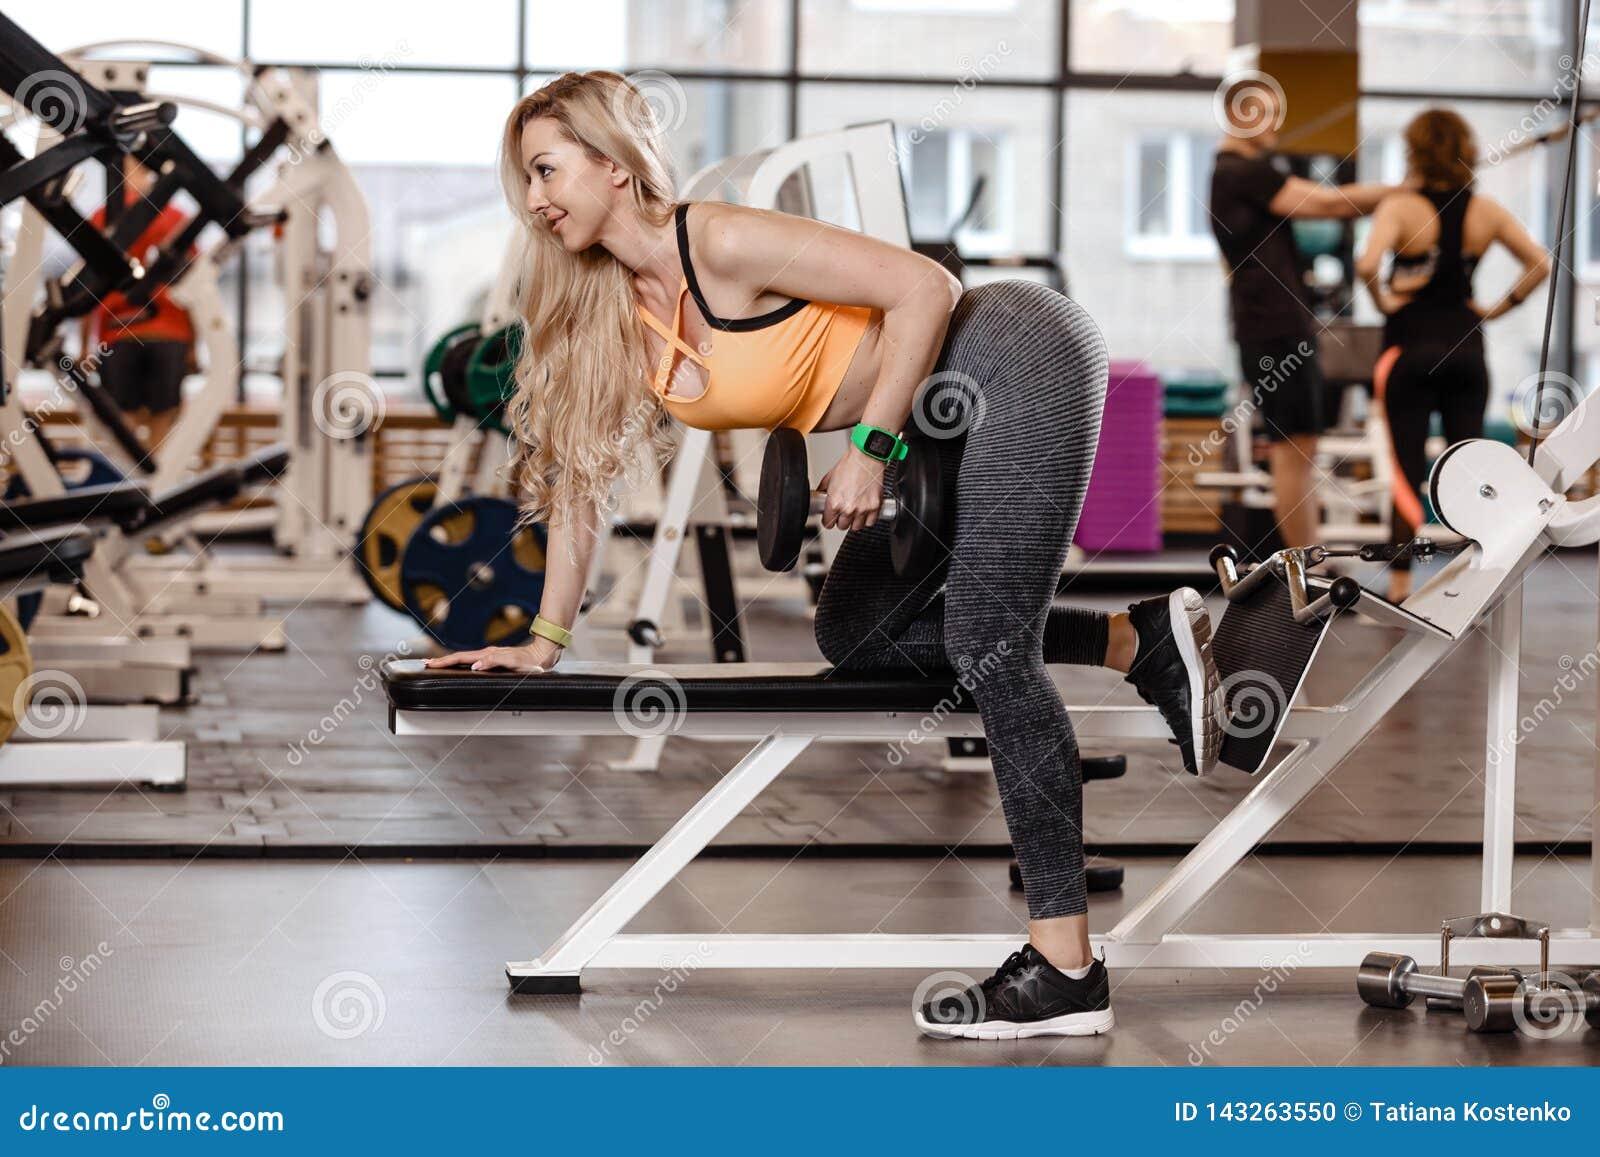 Het atletische blonde meisje met lang haar gekleed in een sportkleding doet oefening op de bank met binnen domoren voor triceps